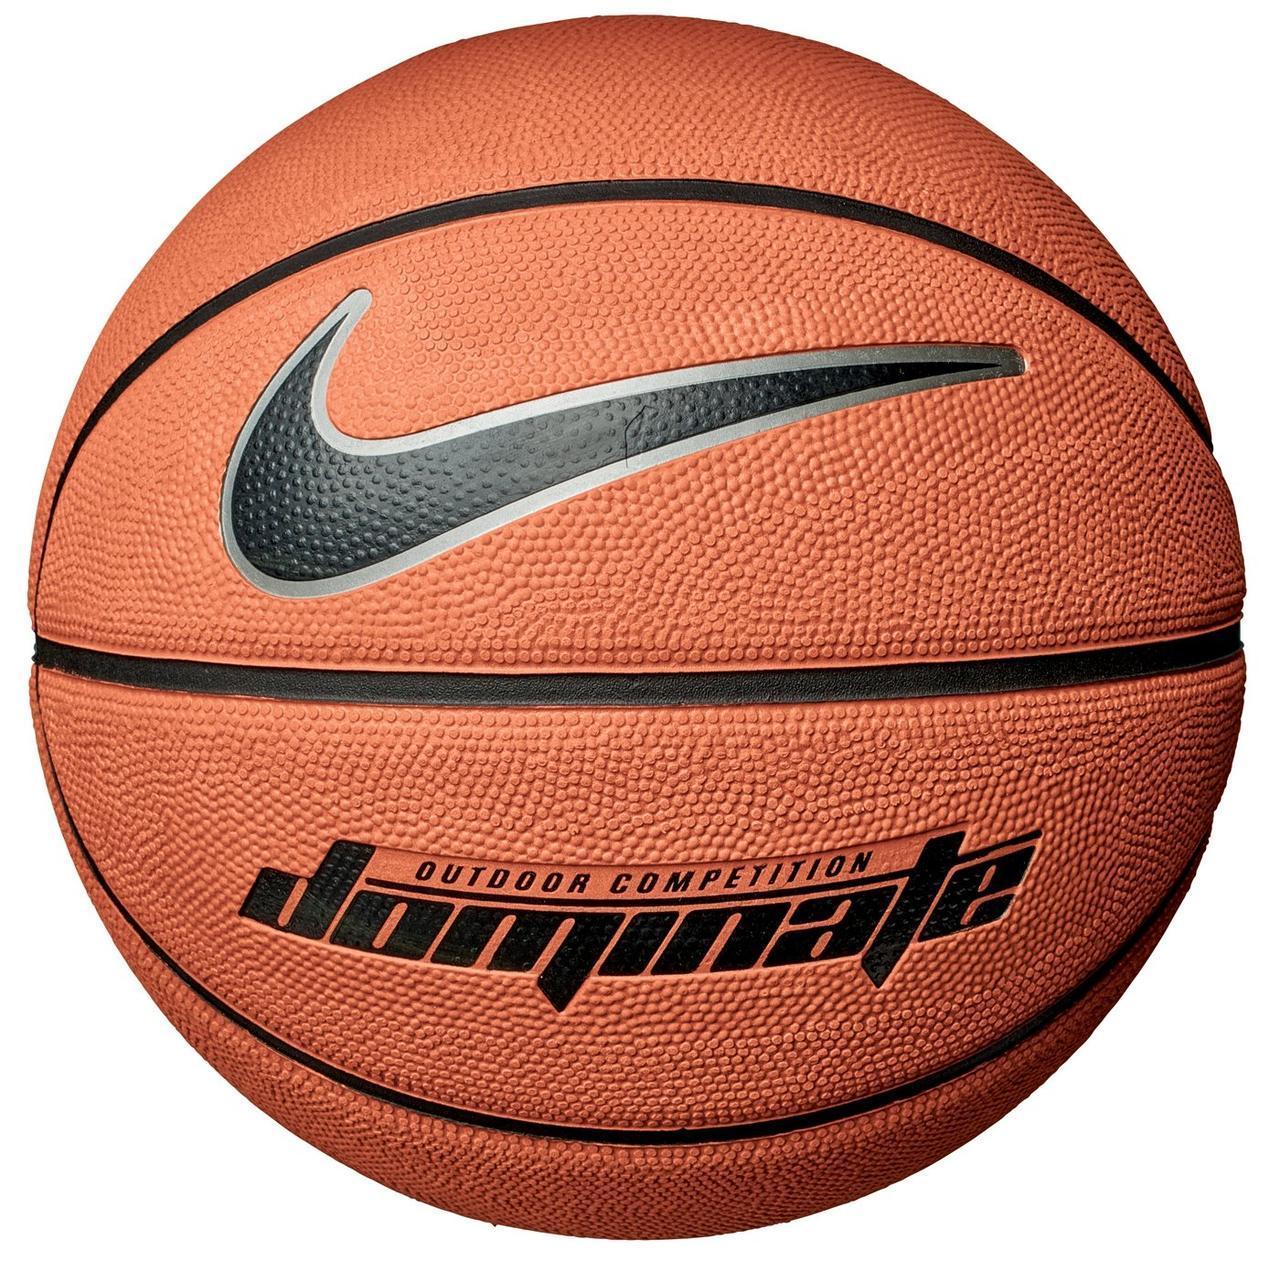 Мяч баскетбольный резиновый для игры на улице и в зале Nike Dominate размер 6, цвет - оранжевый